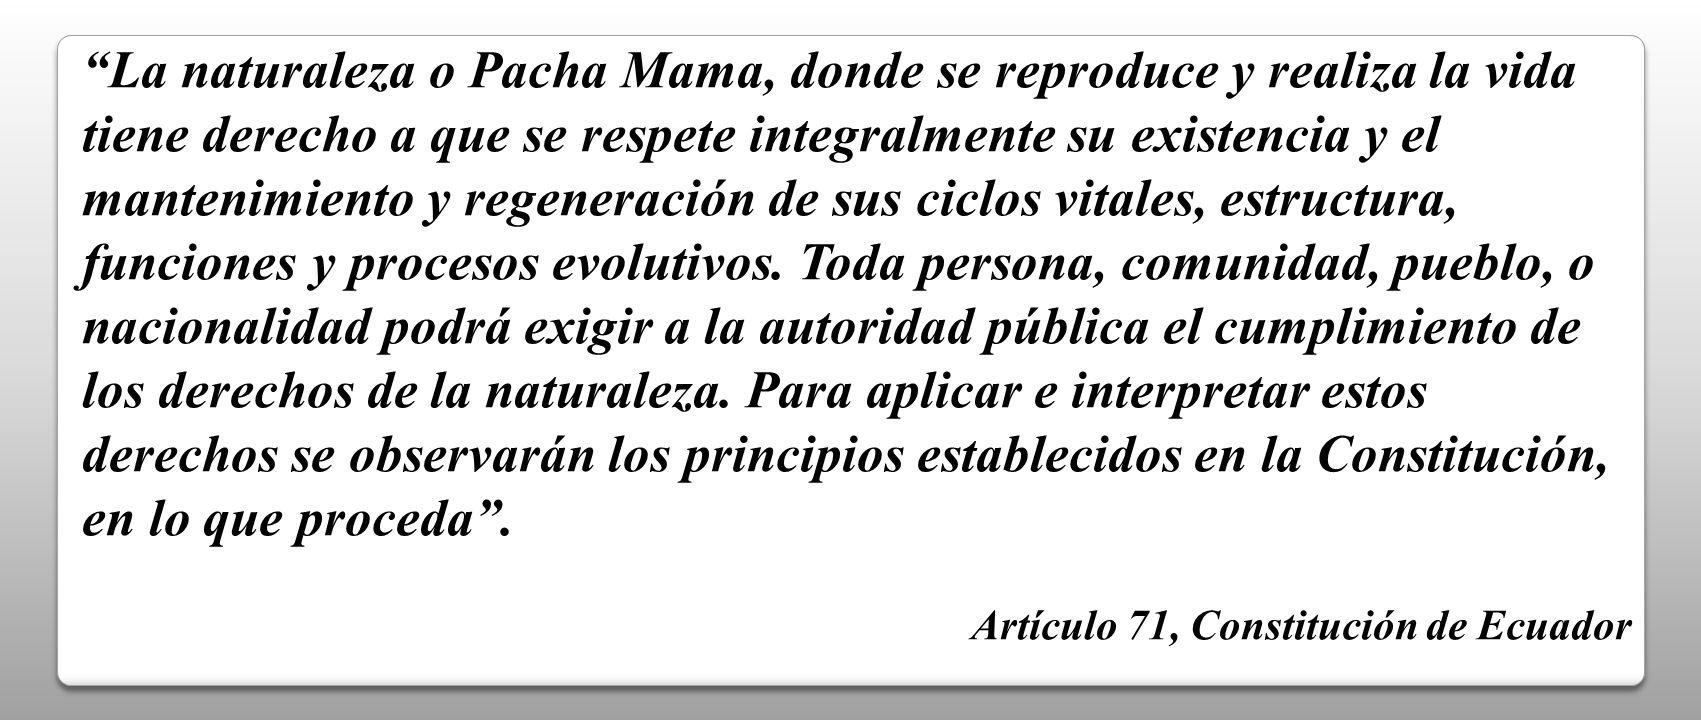 La naturaleza o Pacha Mama, donde se reproduce y realiza la vida tiene derecho a que se respete integralmente su existencia y el mantenimiento y regen